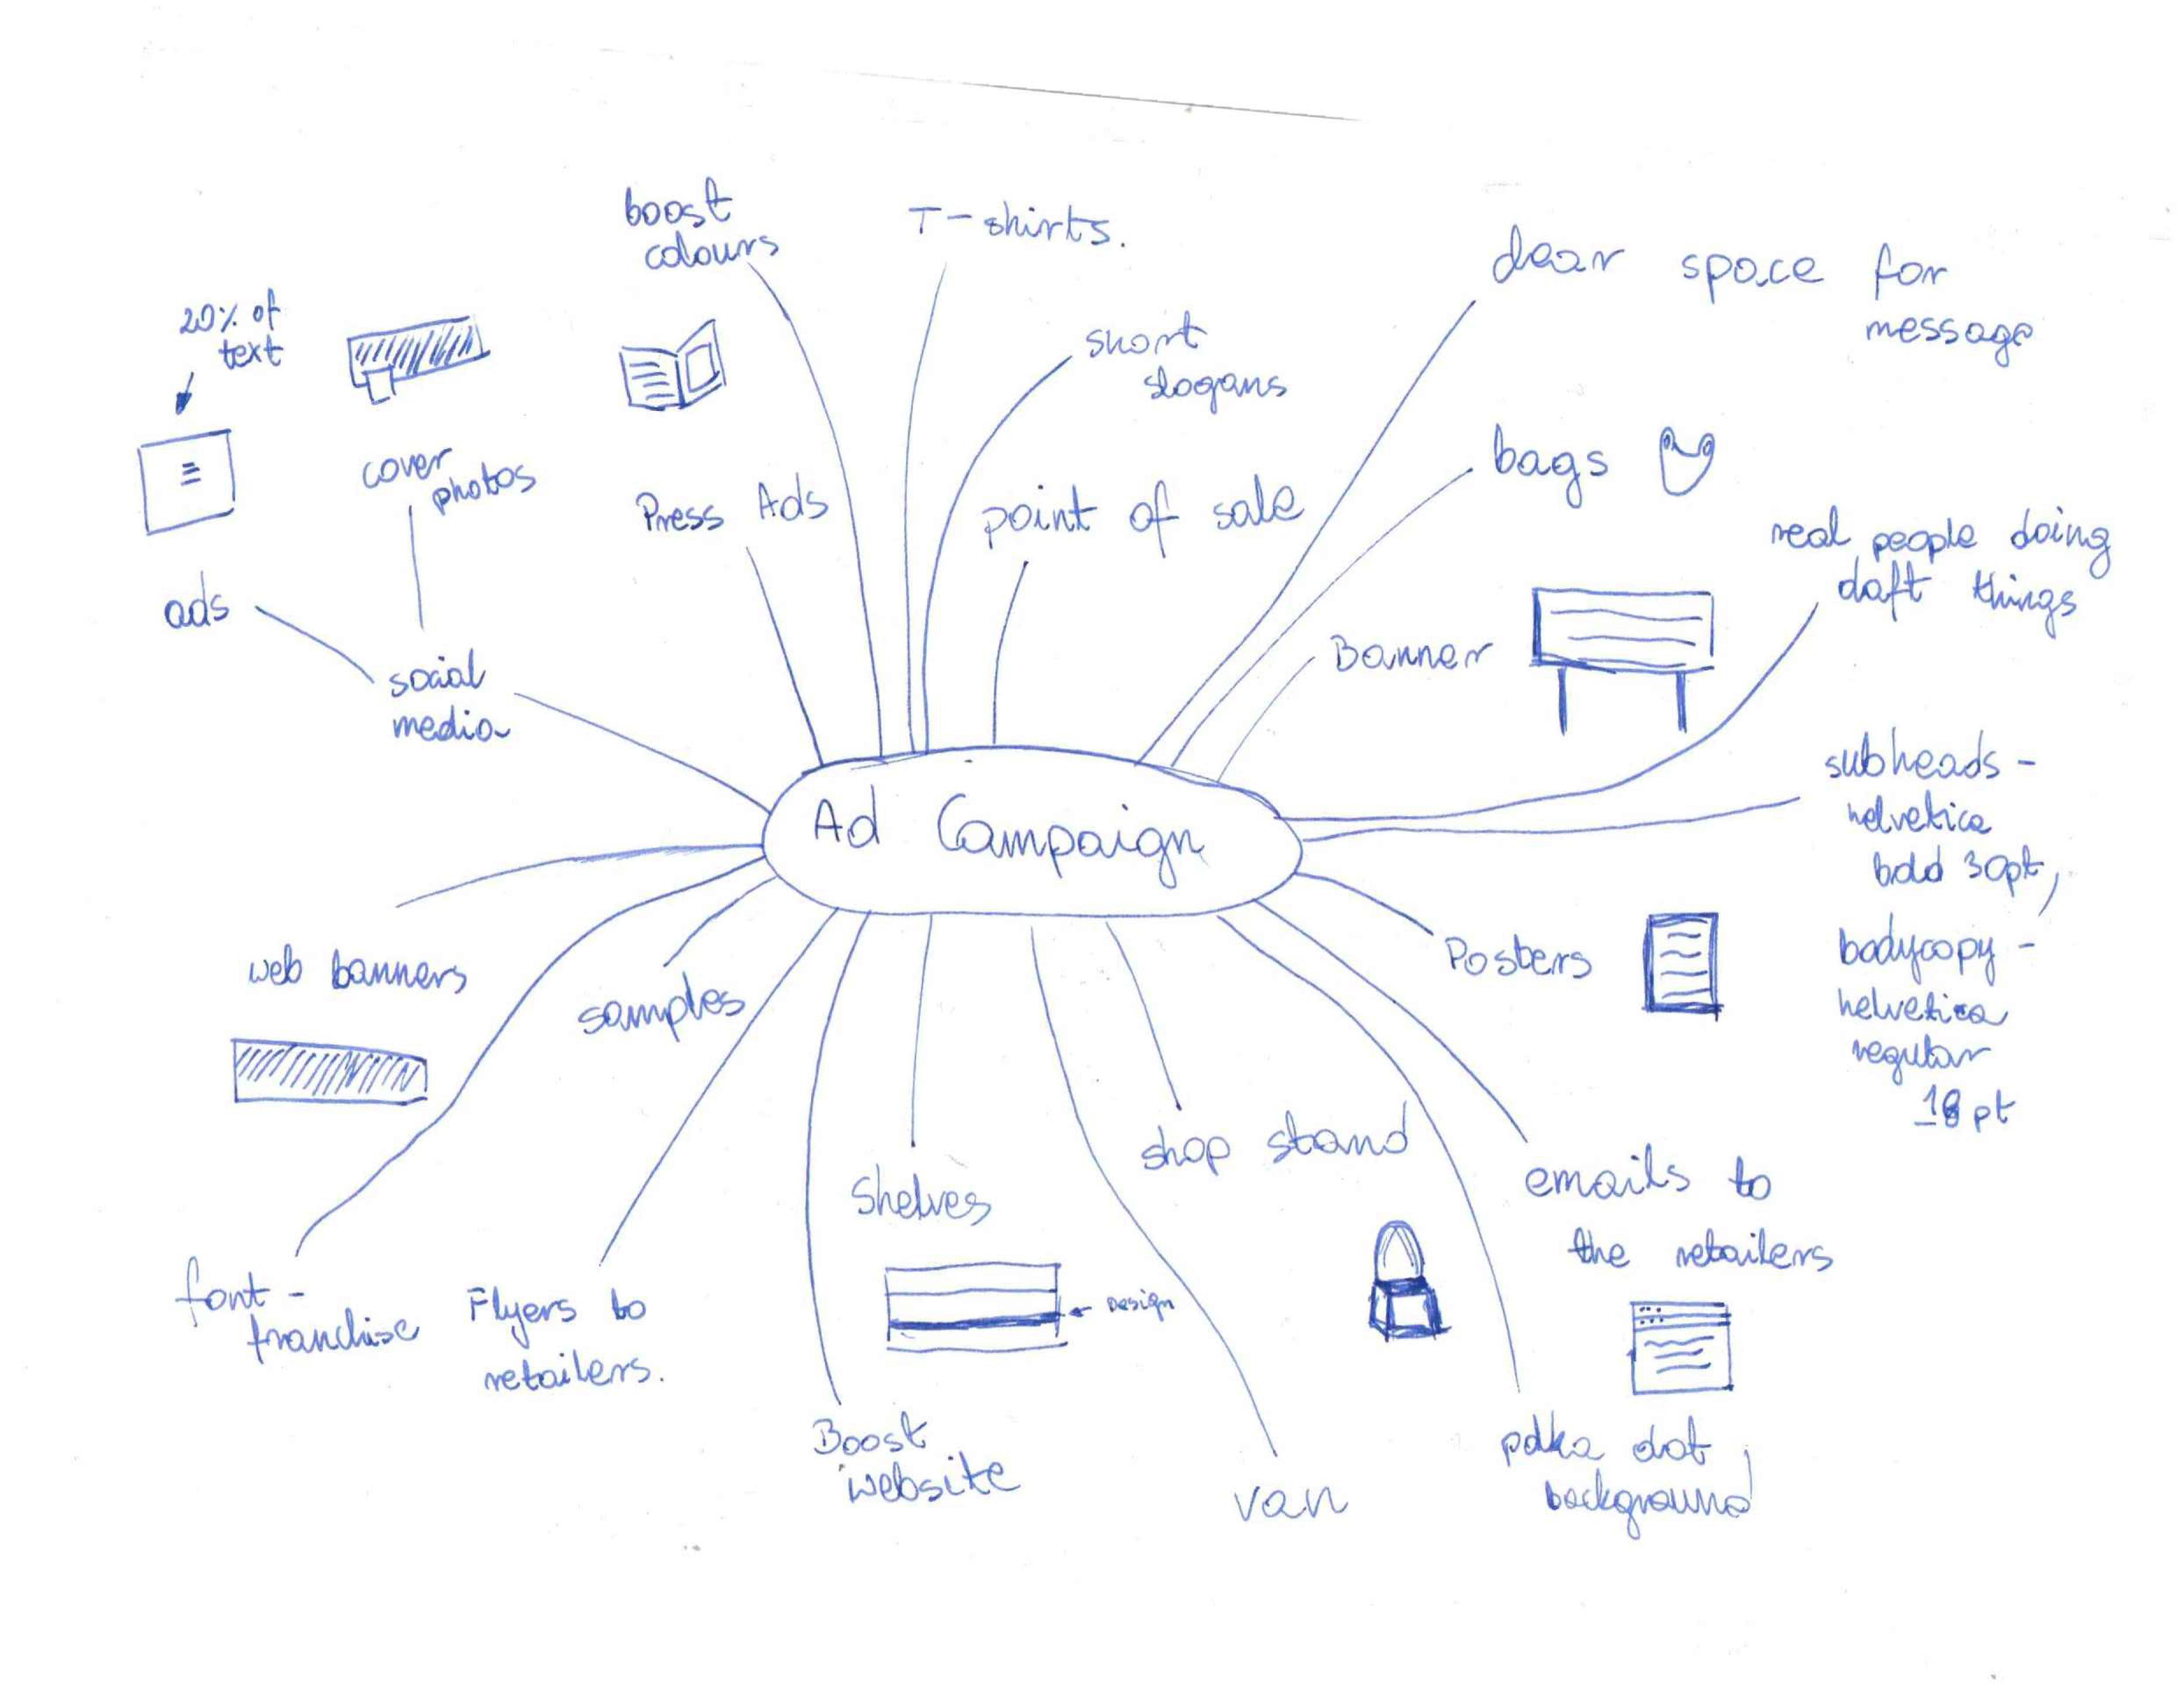 نقشه ذهنی طراحی کمپین تبلیغاتی